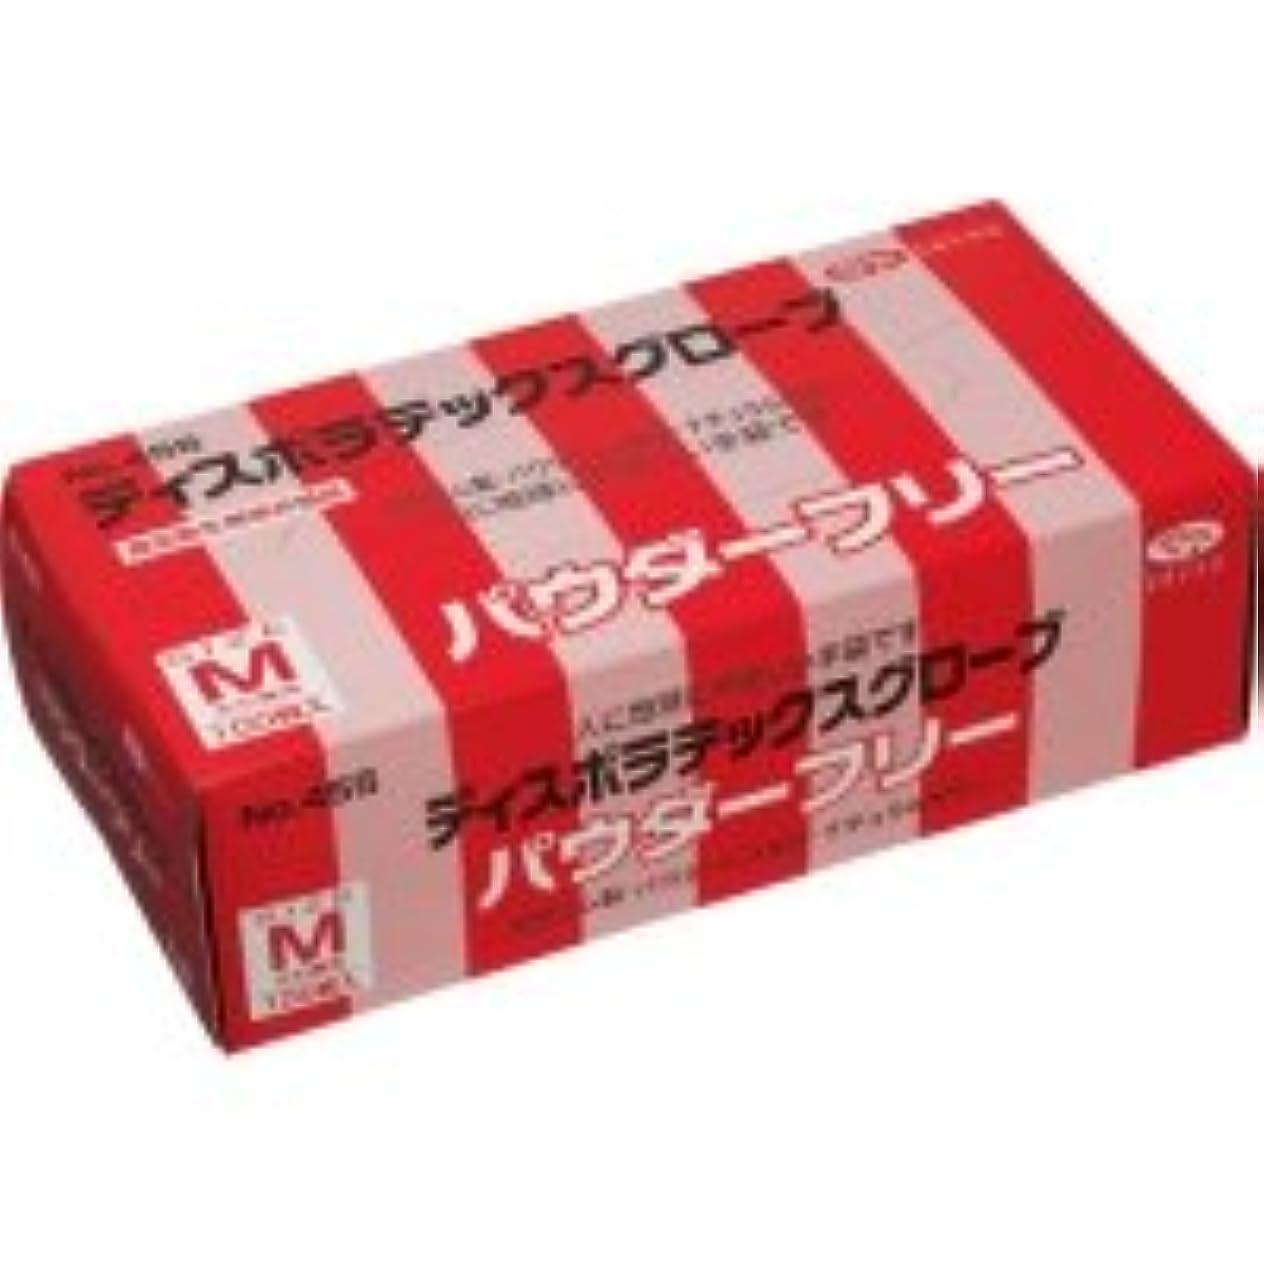 エブノ ディスポラテックスグローブ No.455 パウダーフリー M 1箱(100枚)